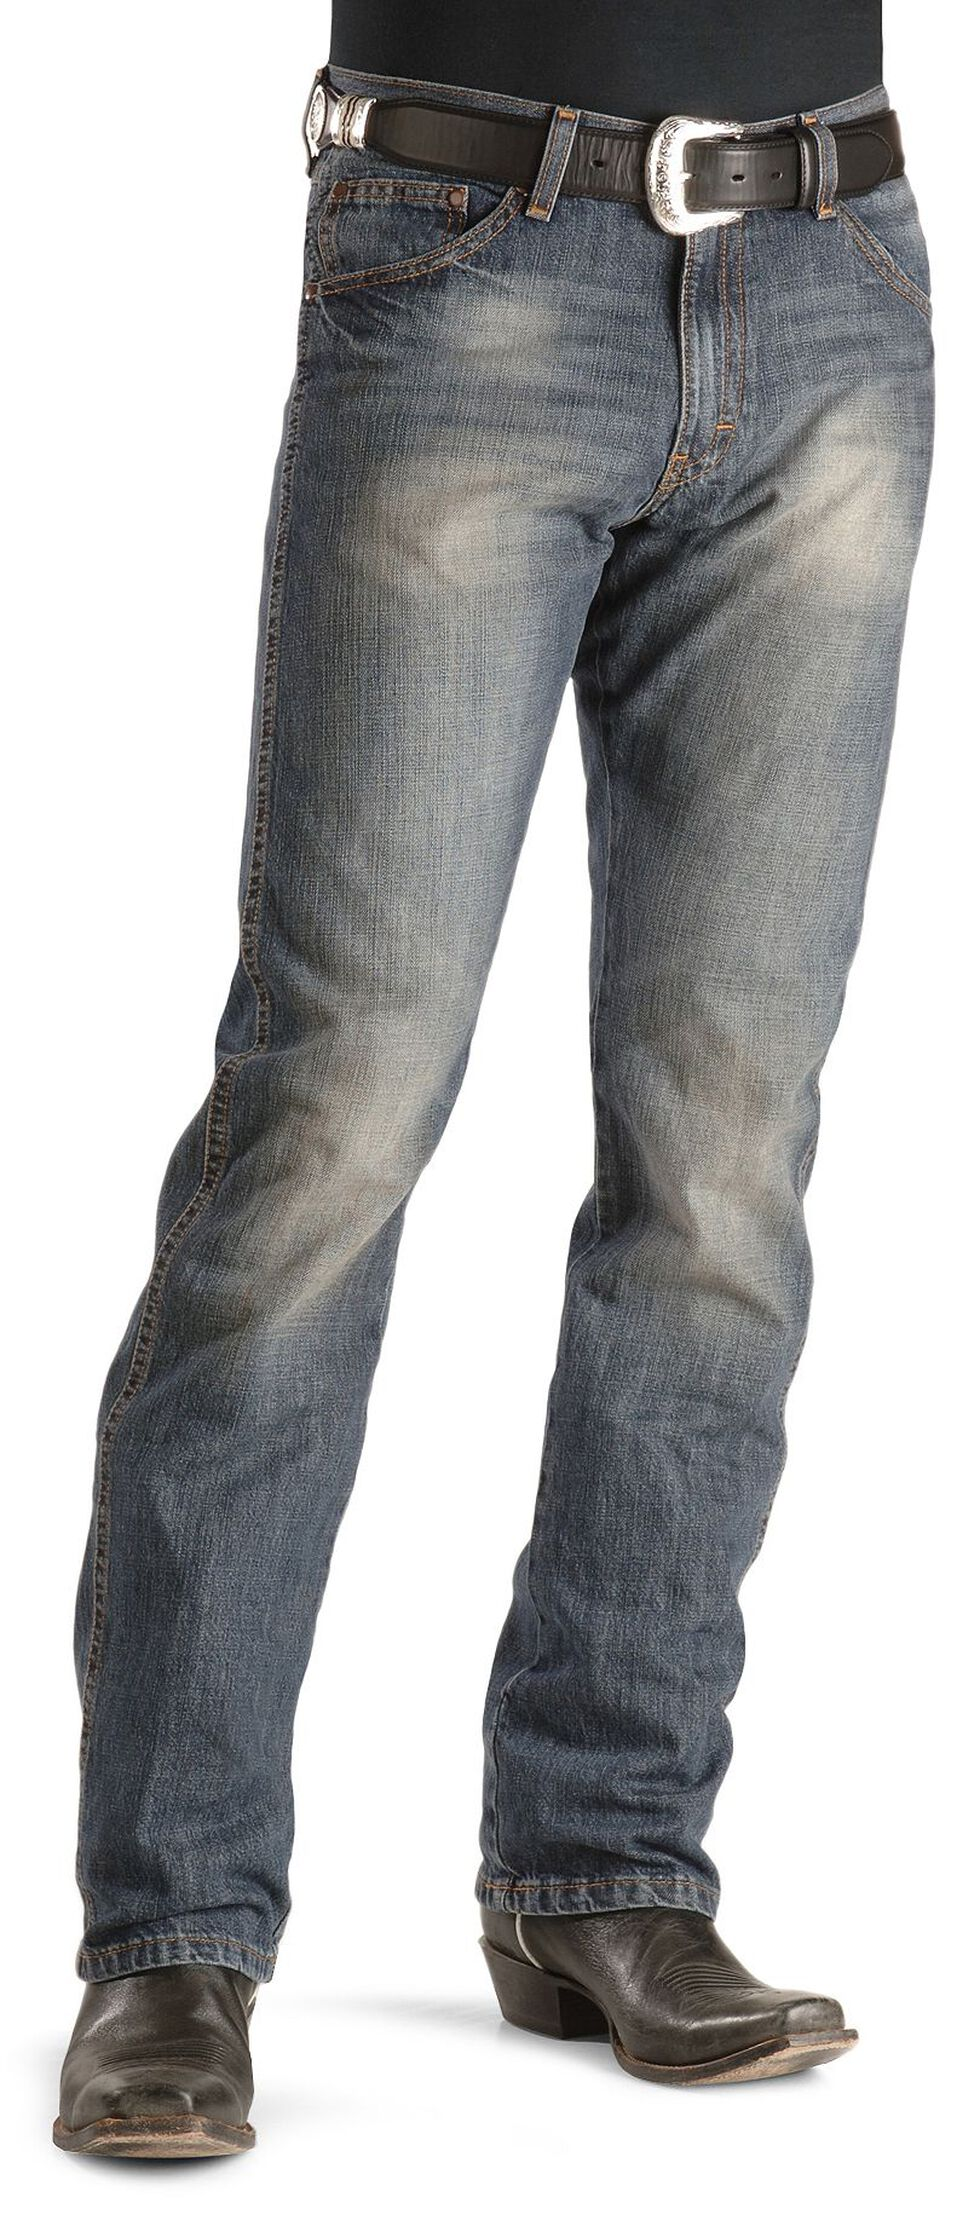 Wrangler Jeans - Dark Knight Denim Retro Slim Fit, Dark Rinse, hi-res